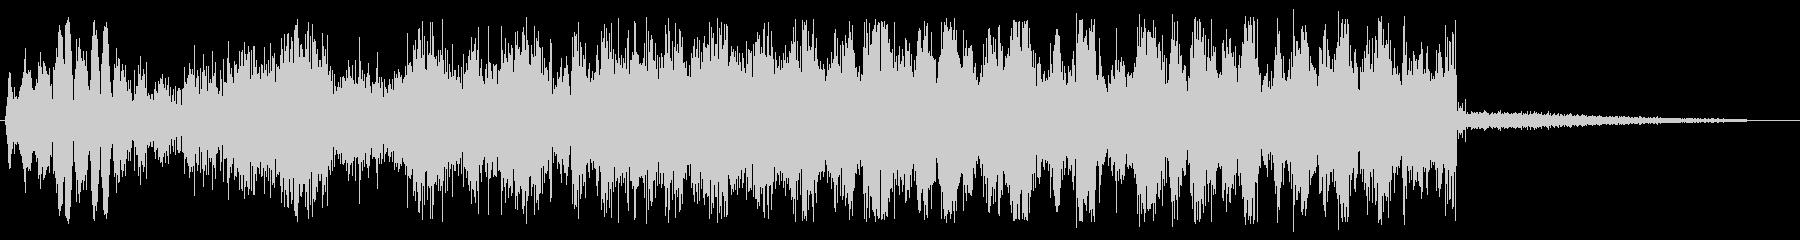 ドゥルルル (甲高い回転音)の未再生の波形